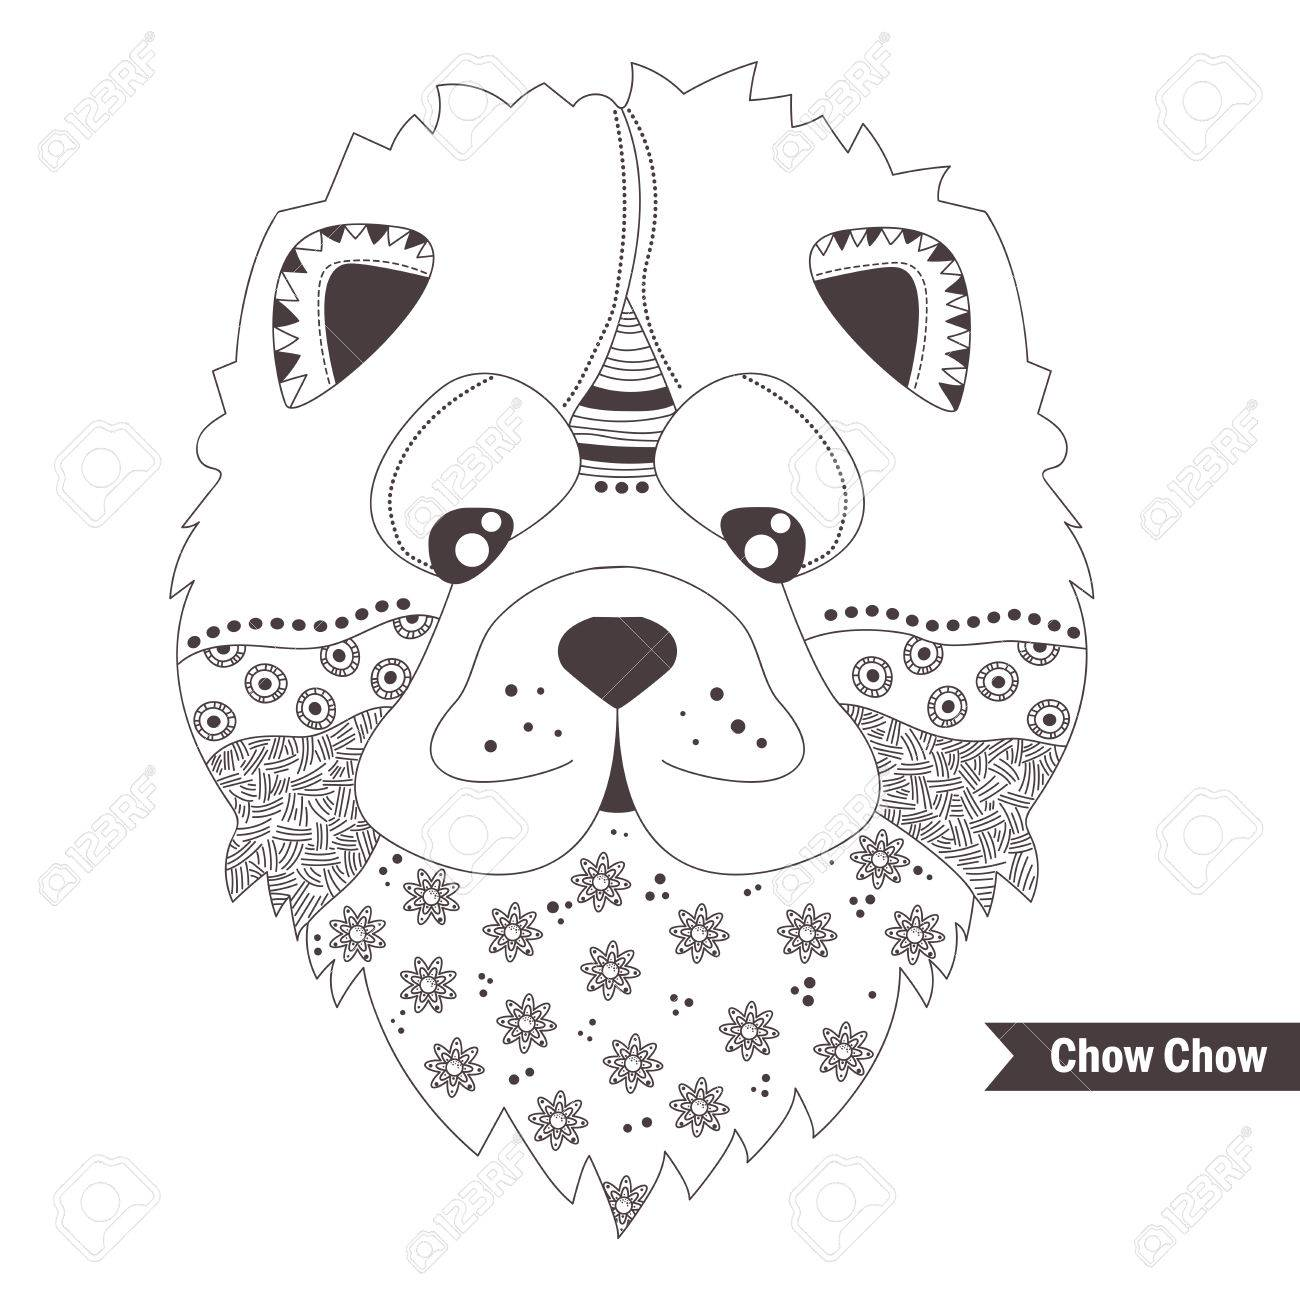 Kleurplaten Honden Voor Volwassenen.Chow Chow Hond Kleurboek Voor Volwassenen Antistress Kleurplaten Hand Getrokken Vector Geisoleerde Illustratie Op Witte Achtergrond Henna Mehendi